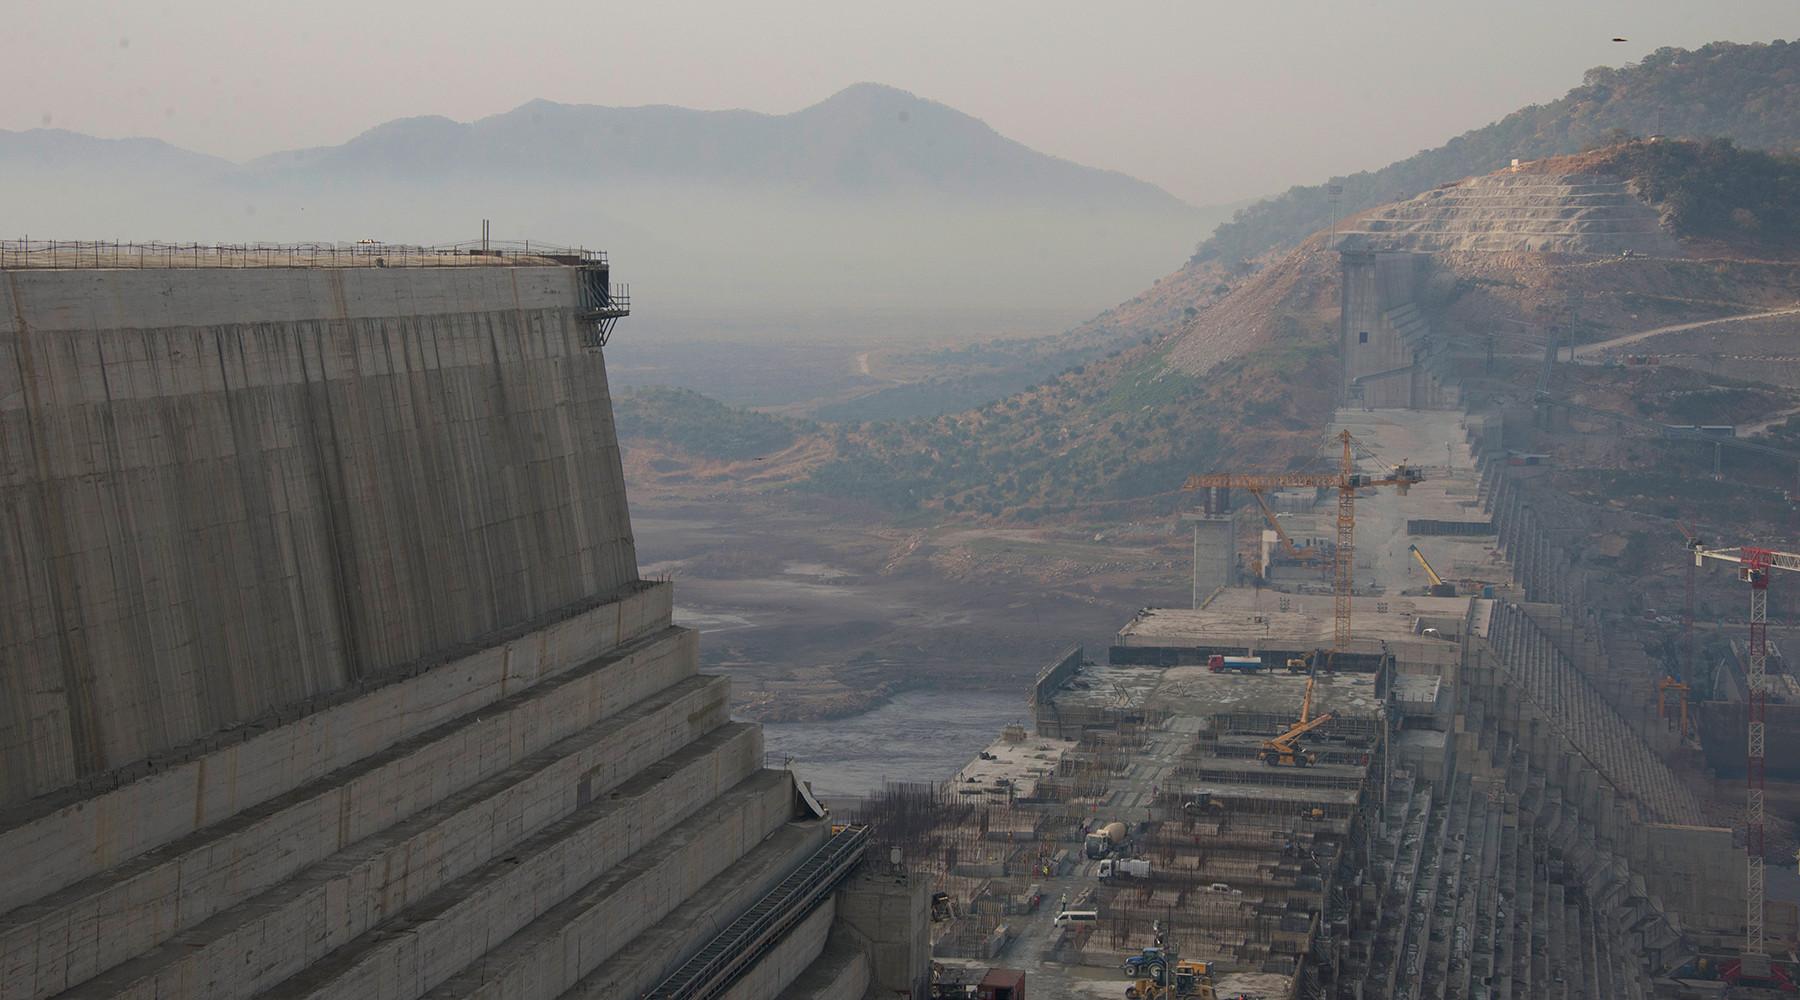 Вооружённый водораздел: приведут ли споры за гидроресурсы к новым военным конфликтам в мире